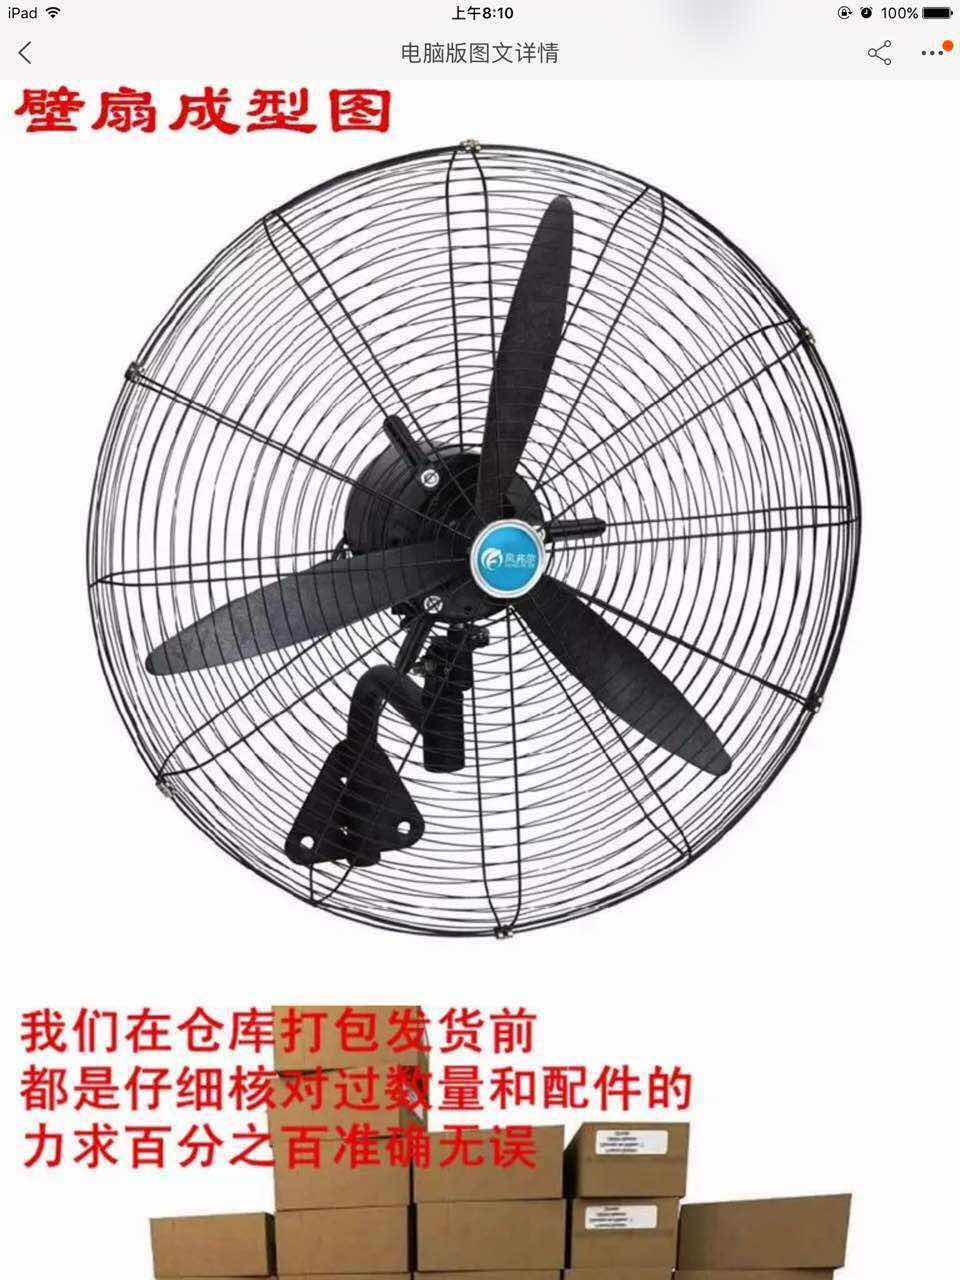 加厚加固工业电风扇配件/工业牛角壁挂/扇挂墙挂壁弯杆三角板